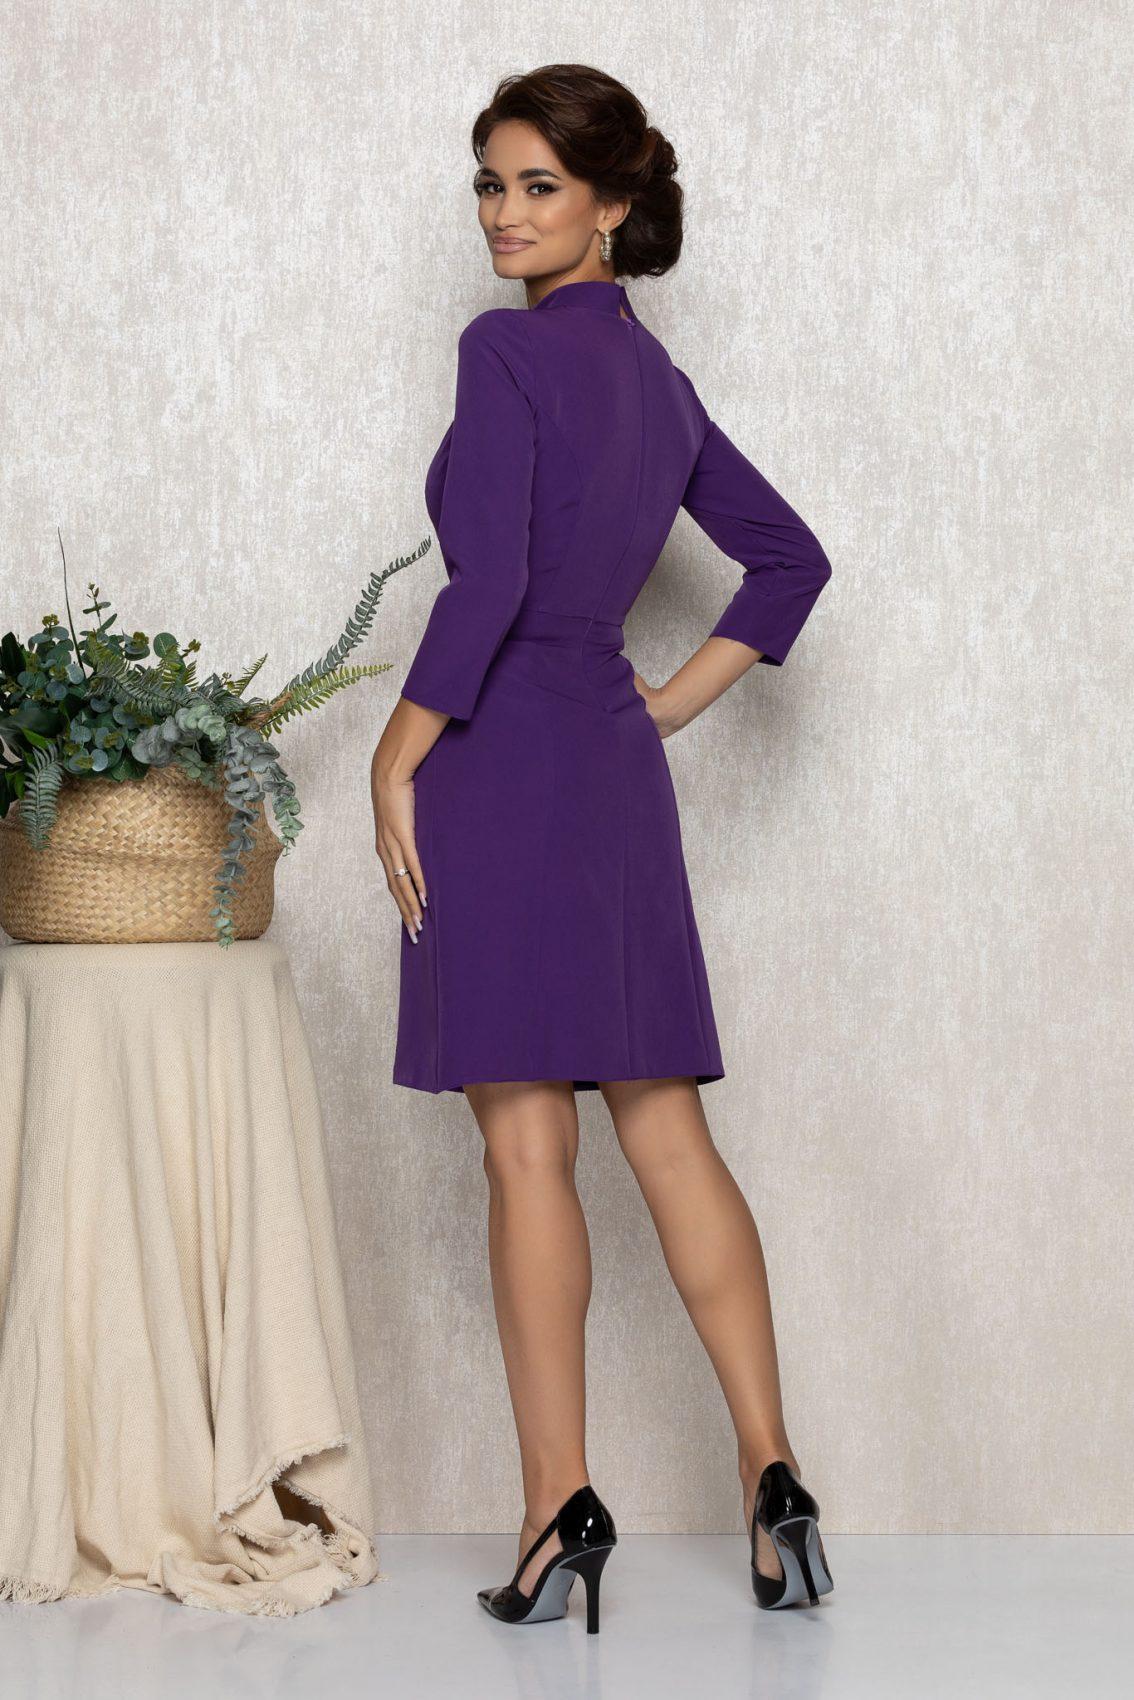 Βιολετί Φόρεμα Με Φιόγκο Cezara T175 2